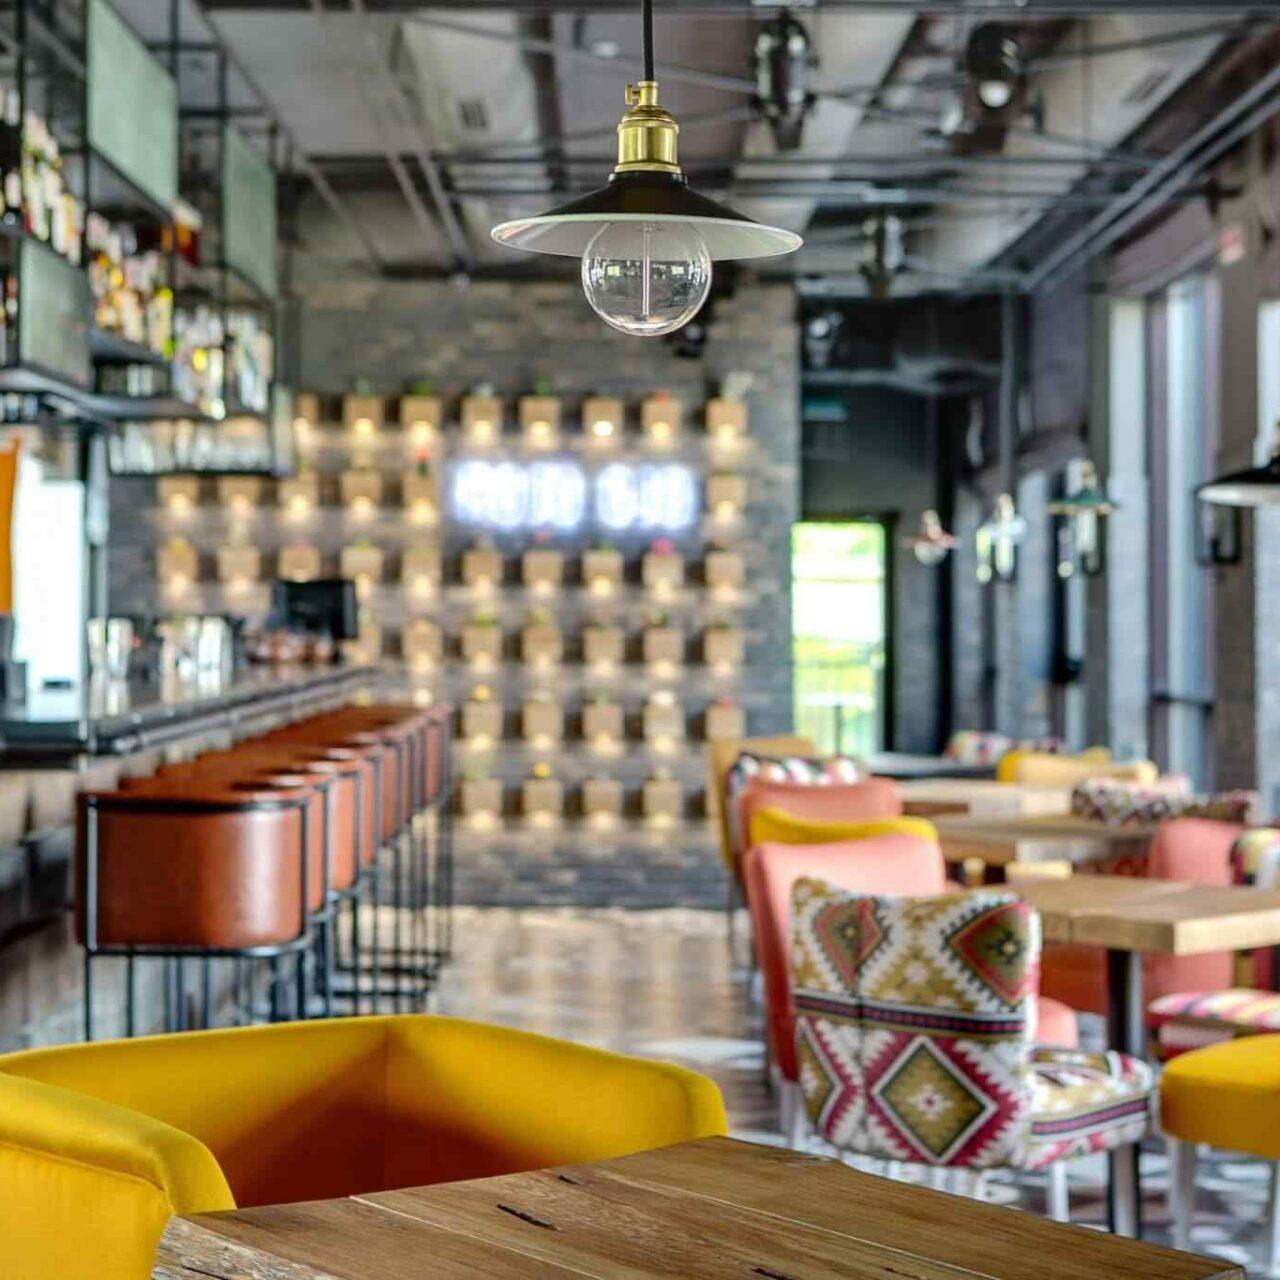 https://www.beertiful.jp/wp-content/uploads/2017/10/restaurant-mexican-16-1280x1280.jpg